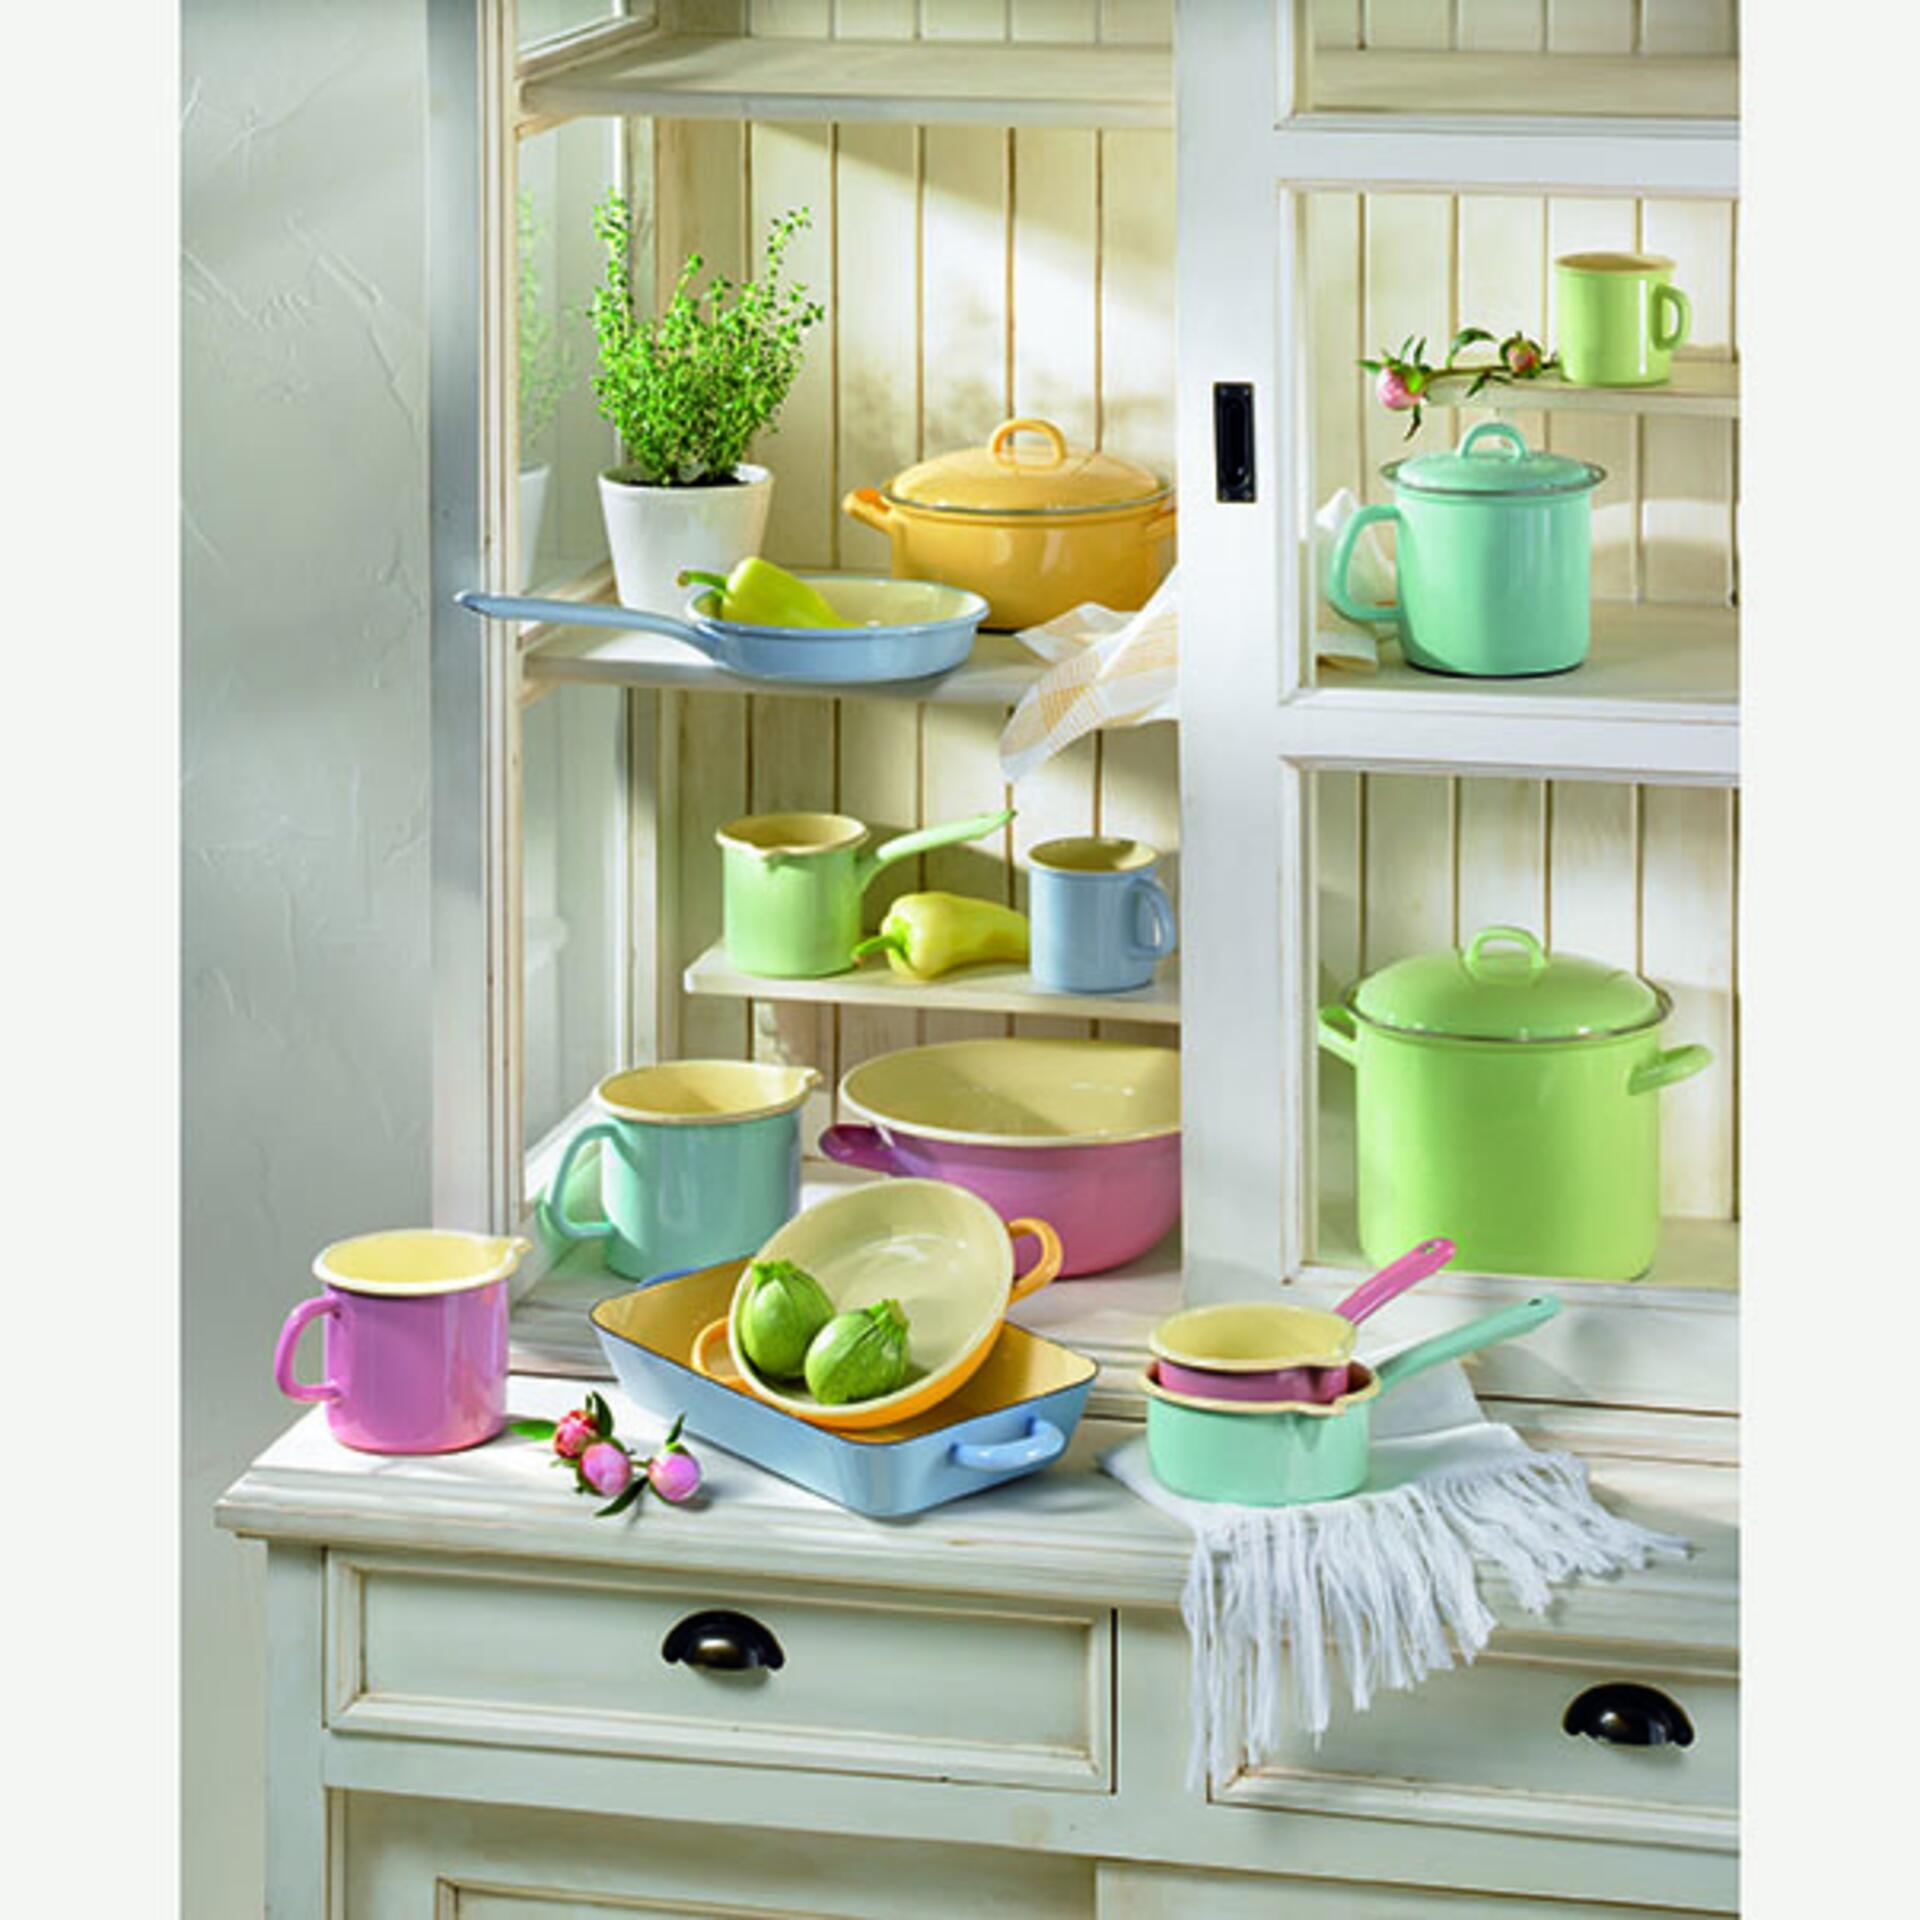 Riess Küchenschüssel 18 cm Hellblau